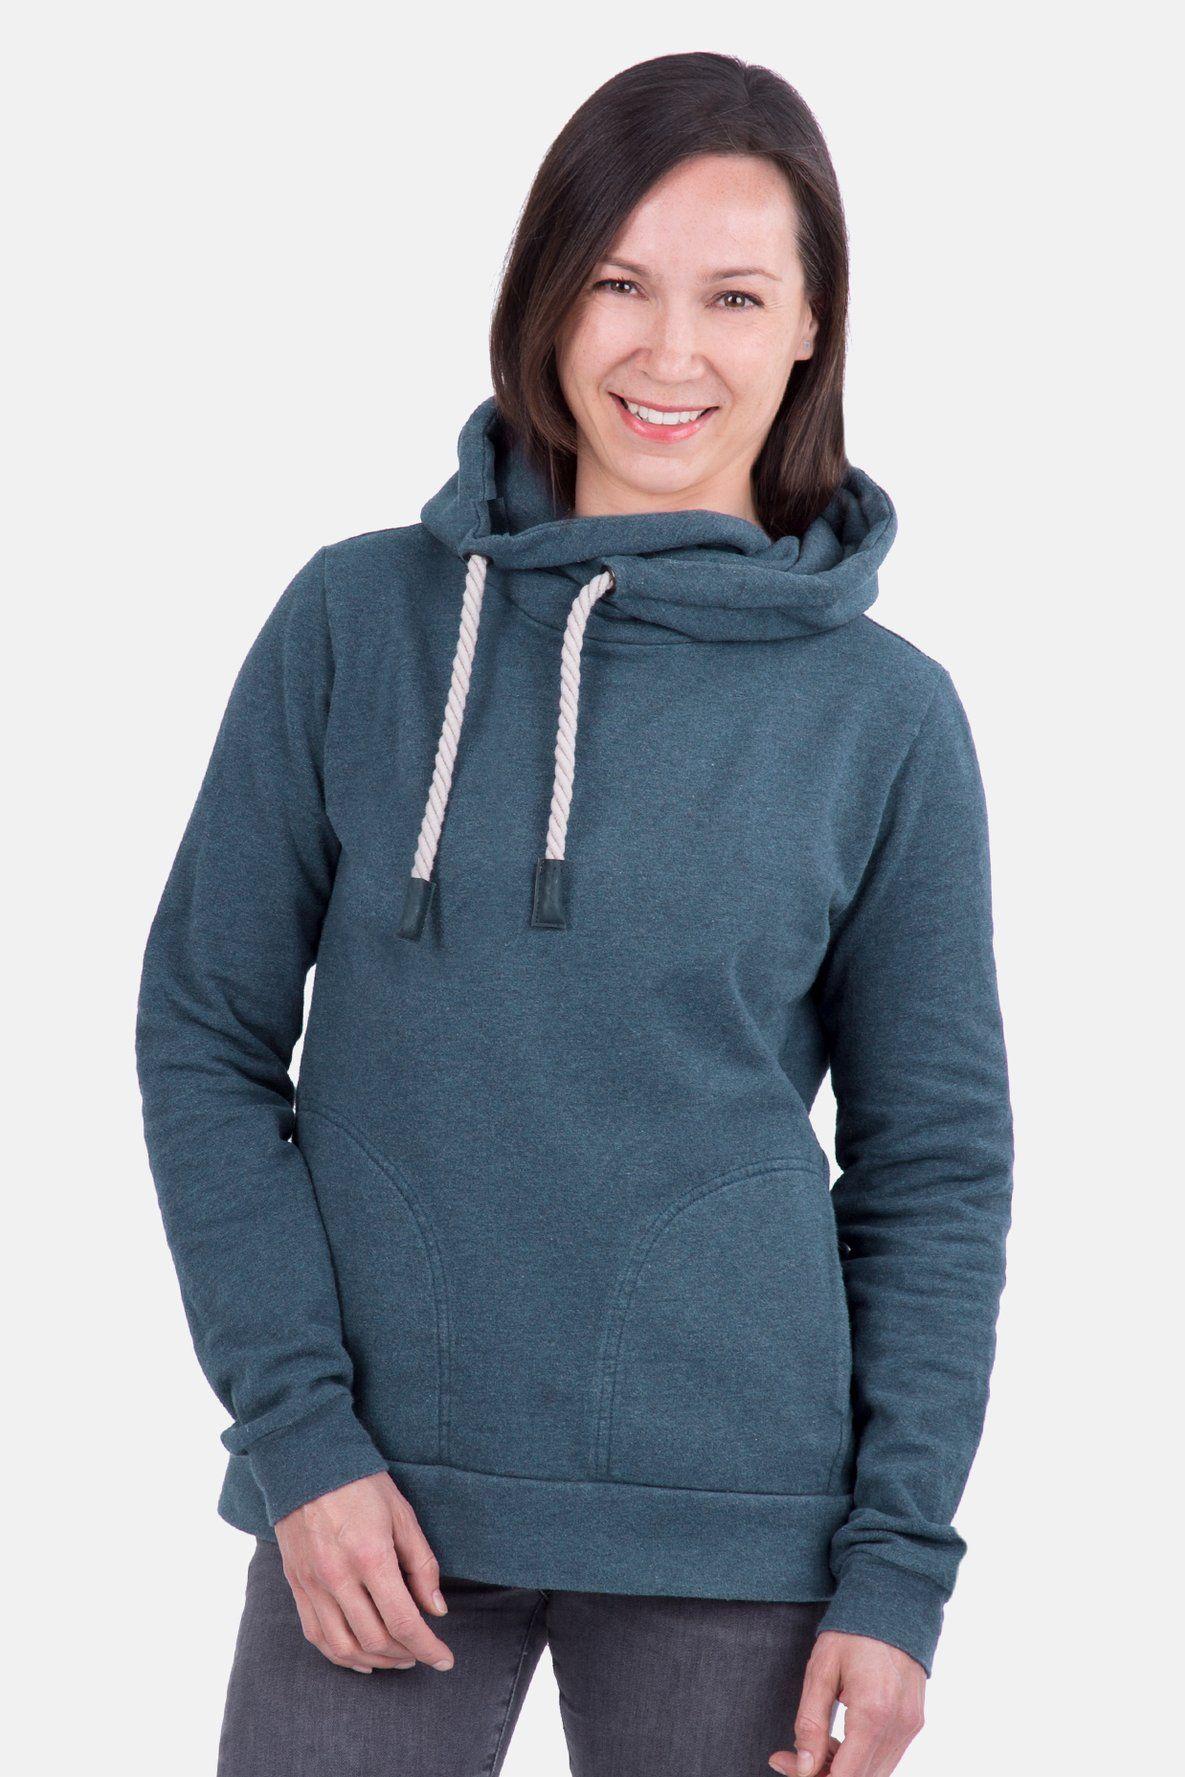 Schnittmuster Kapuzenpullover Lynn   Schnittmuster hoodie